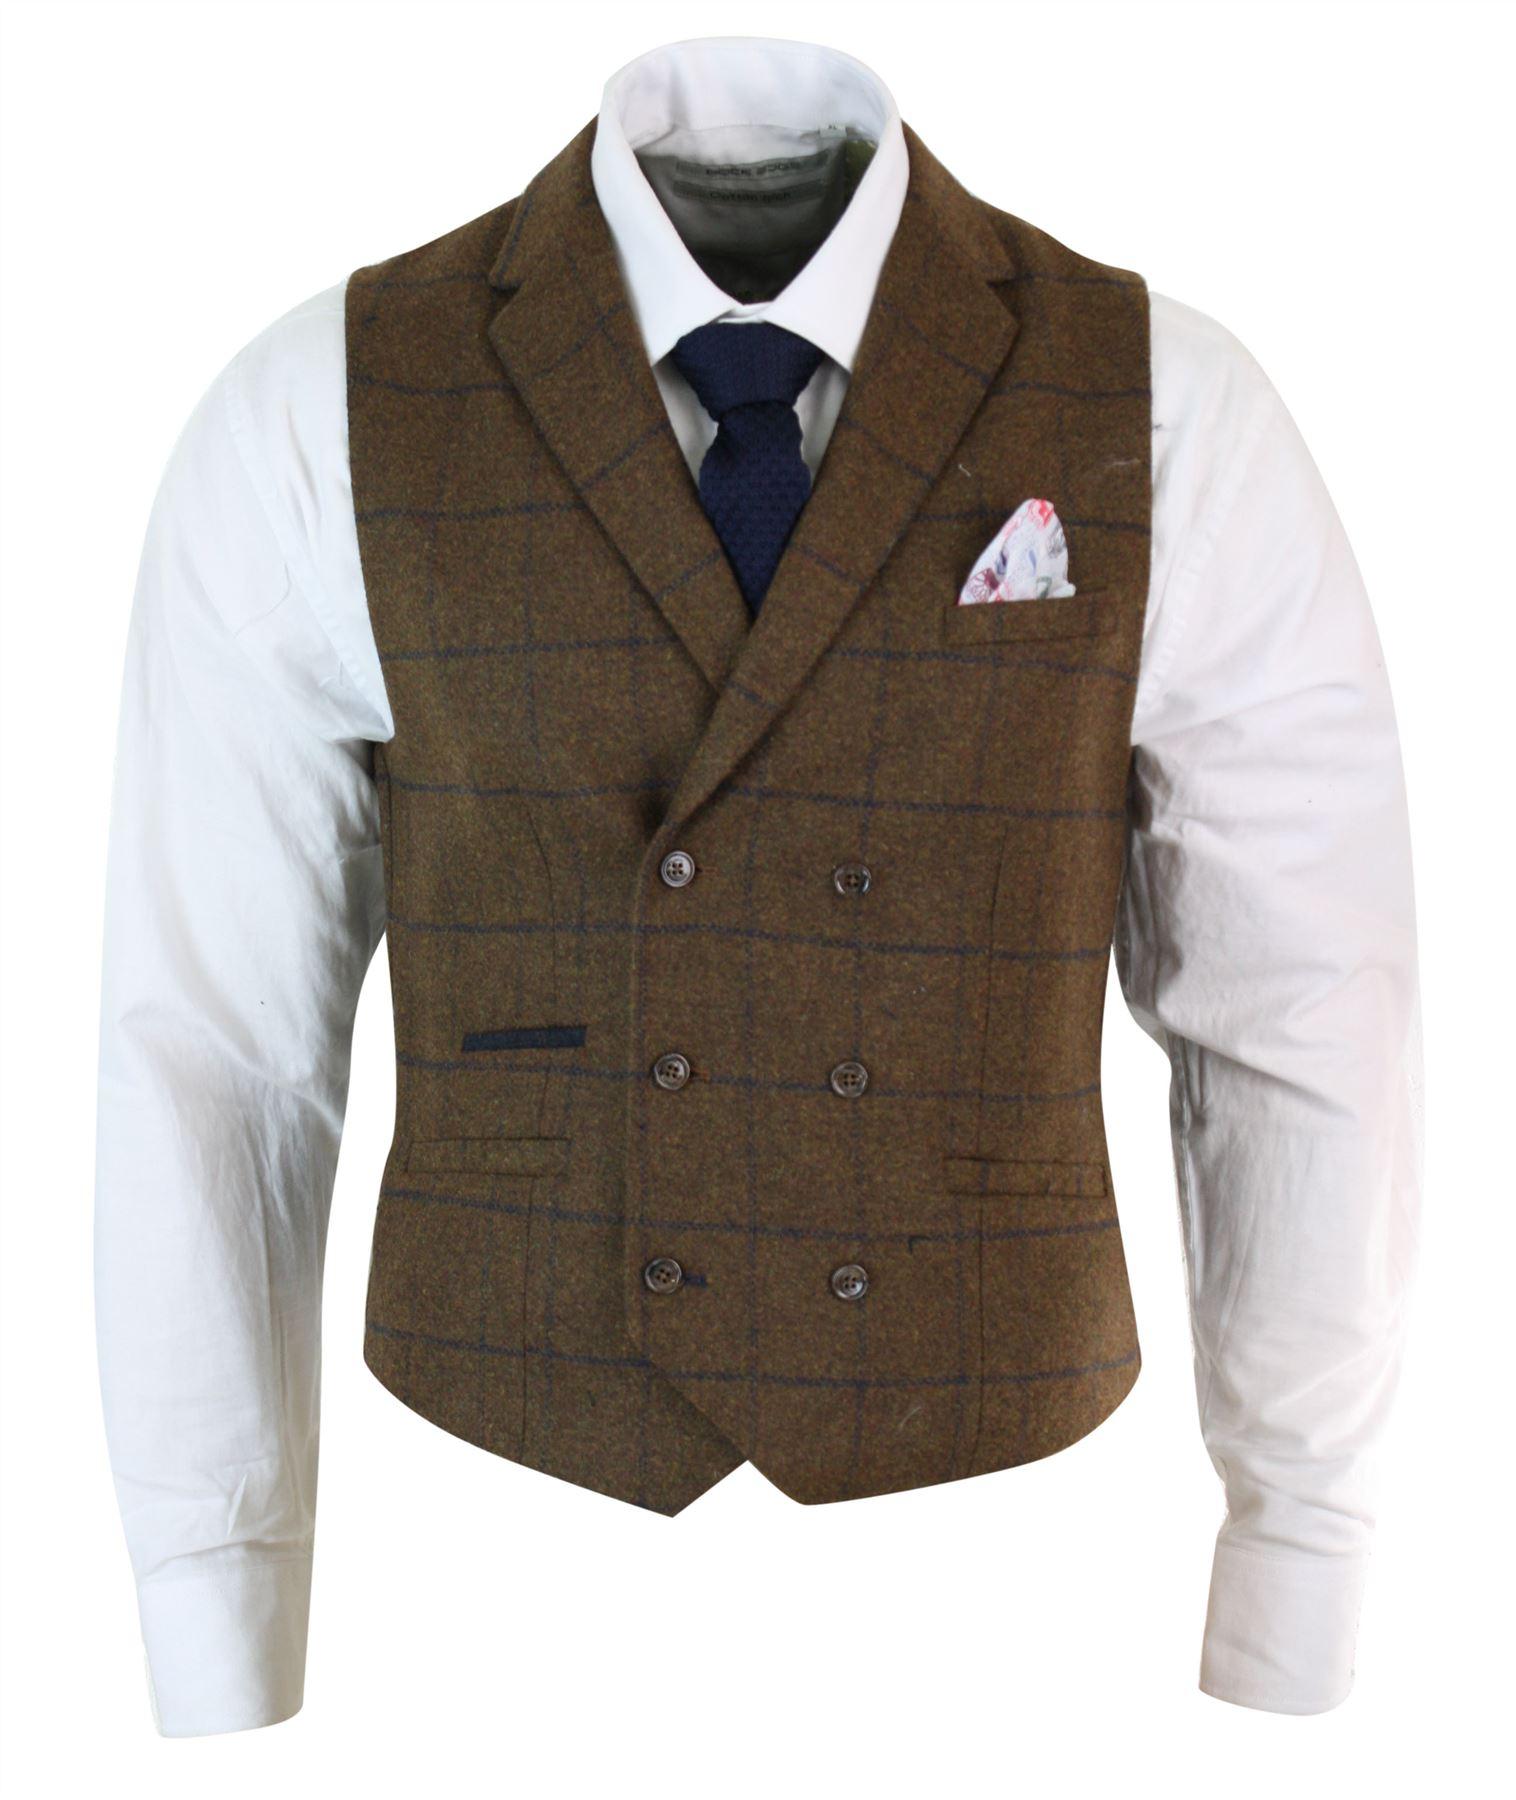 Mens-Double-Breasted-Herringbone-Tweed-Peaky-Blinders-Vintage-Check-Waistcoat miniatuur 21